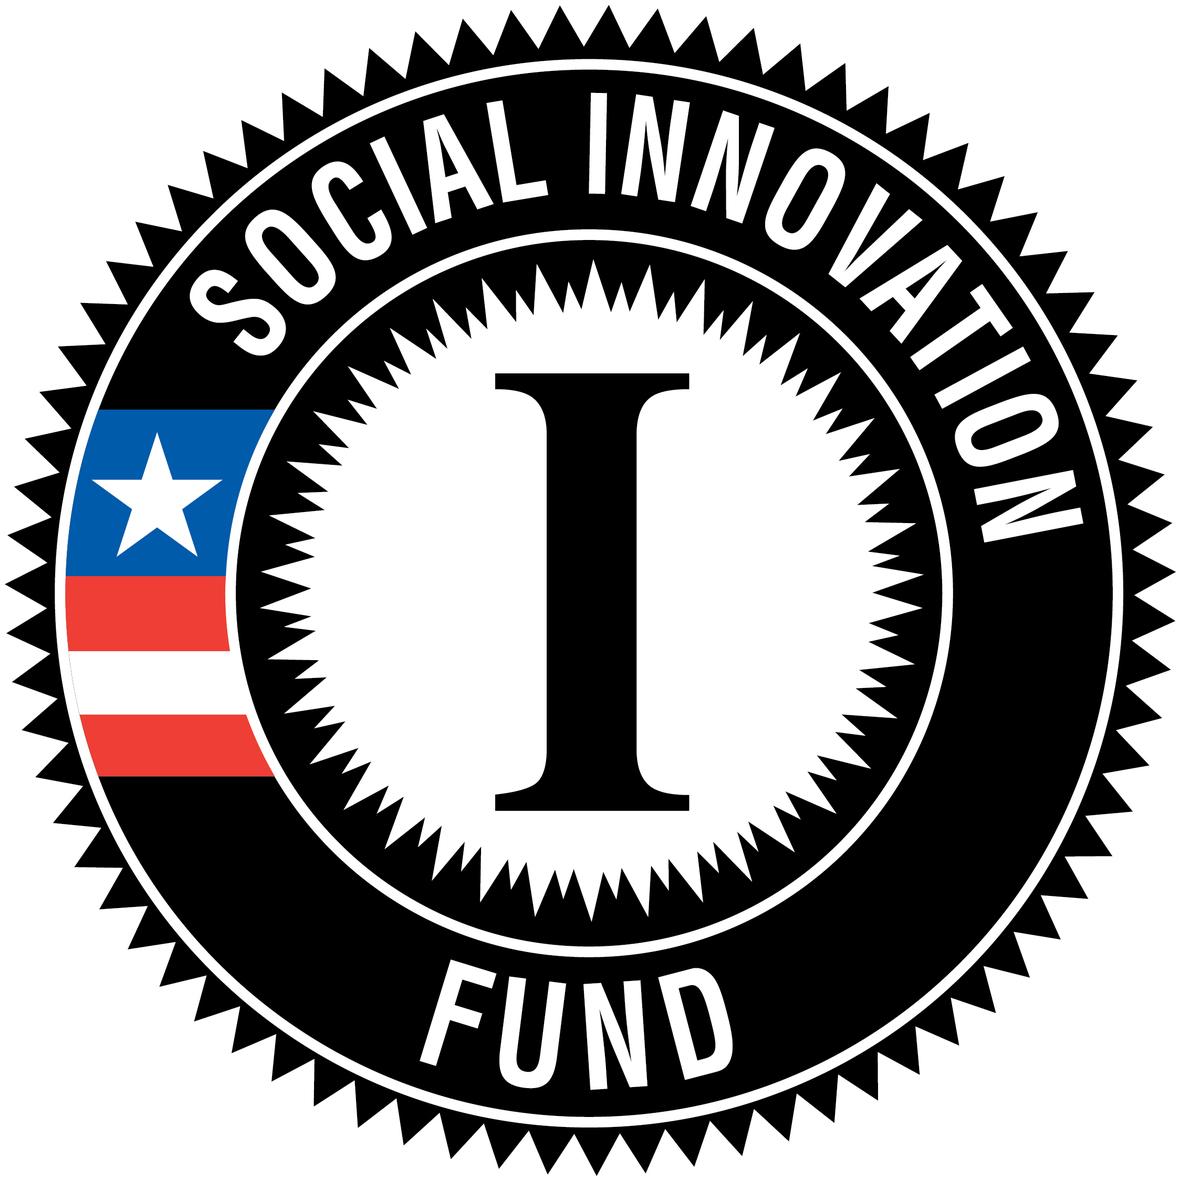 Social Innovation Fund LOGO 2015 FINAL 0